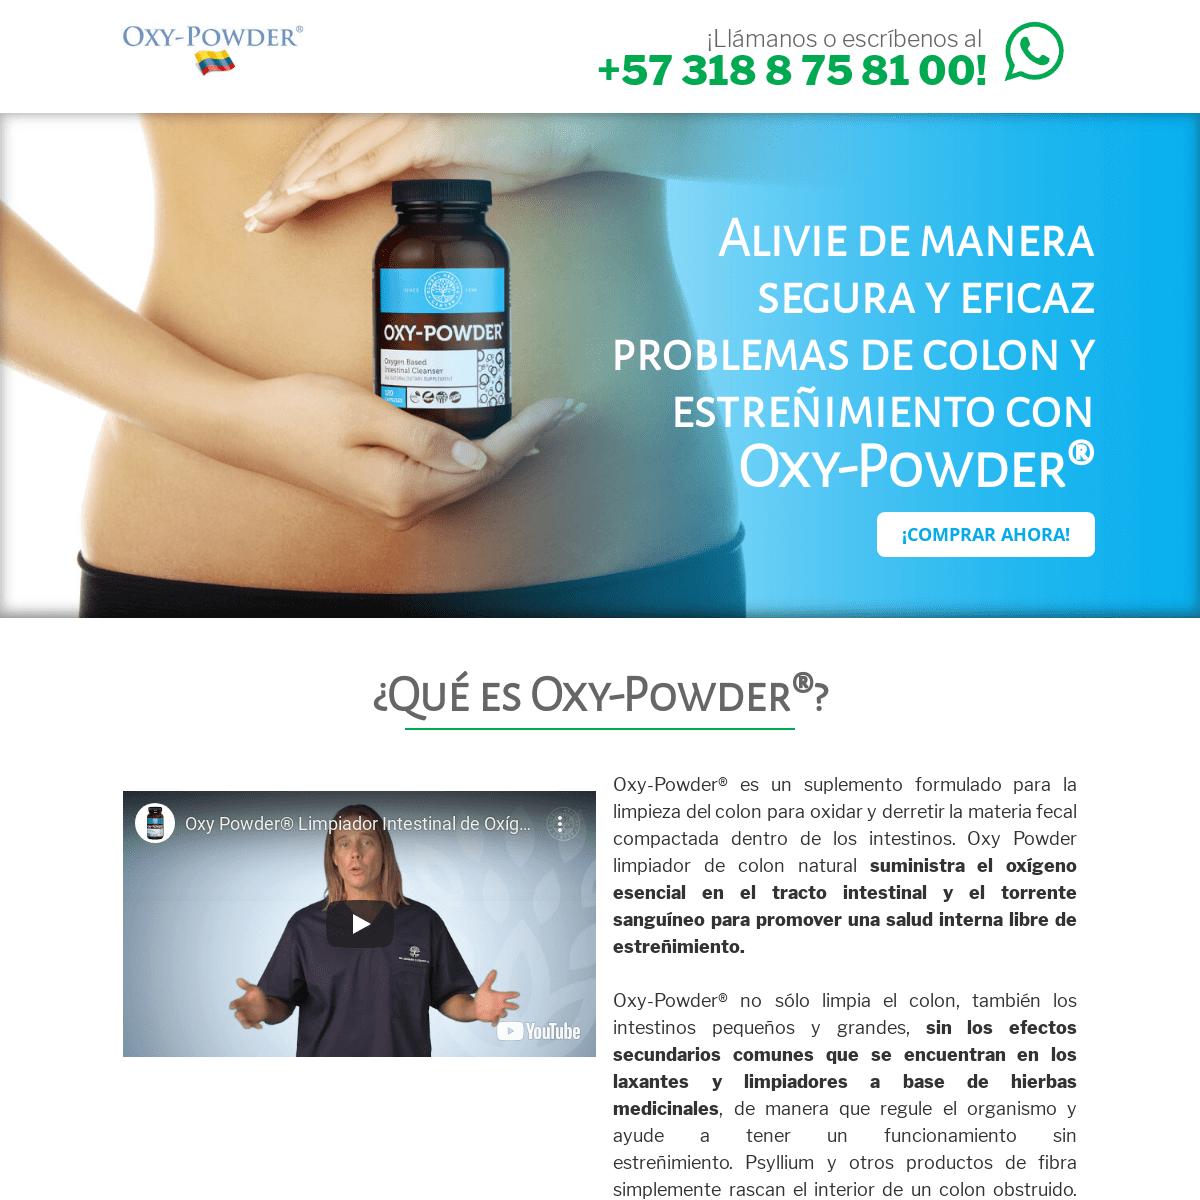 Estreñimiento - Oxy Powder Colombia Estreñimiento Colon Irritable Limpiador Colon